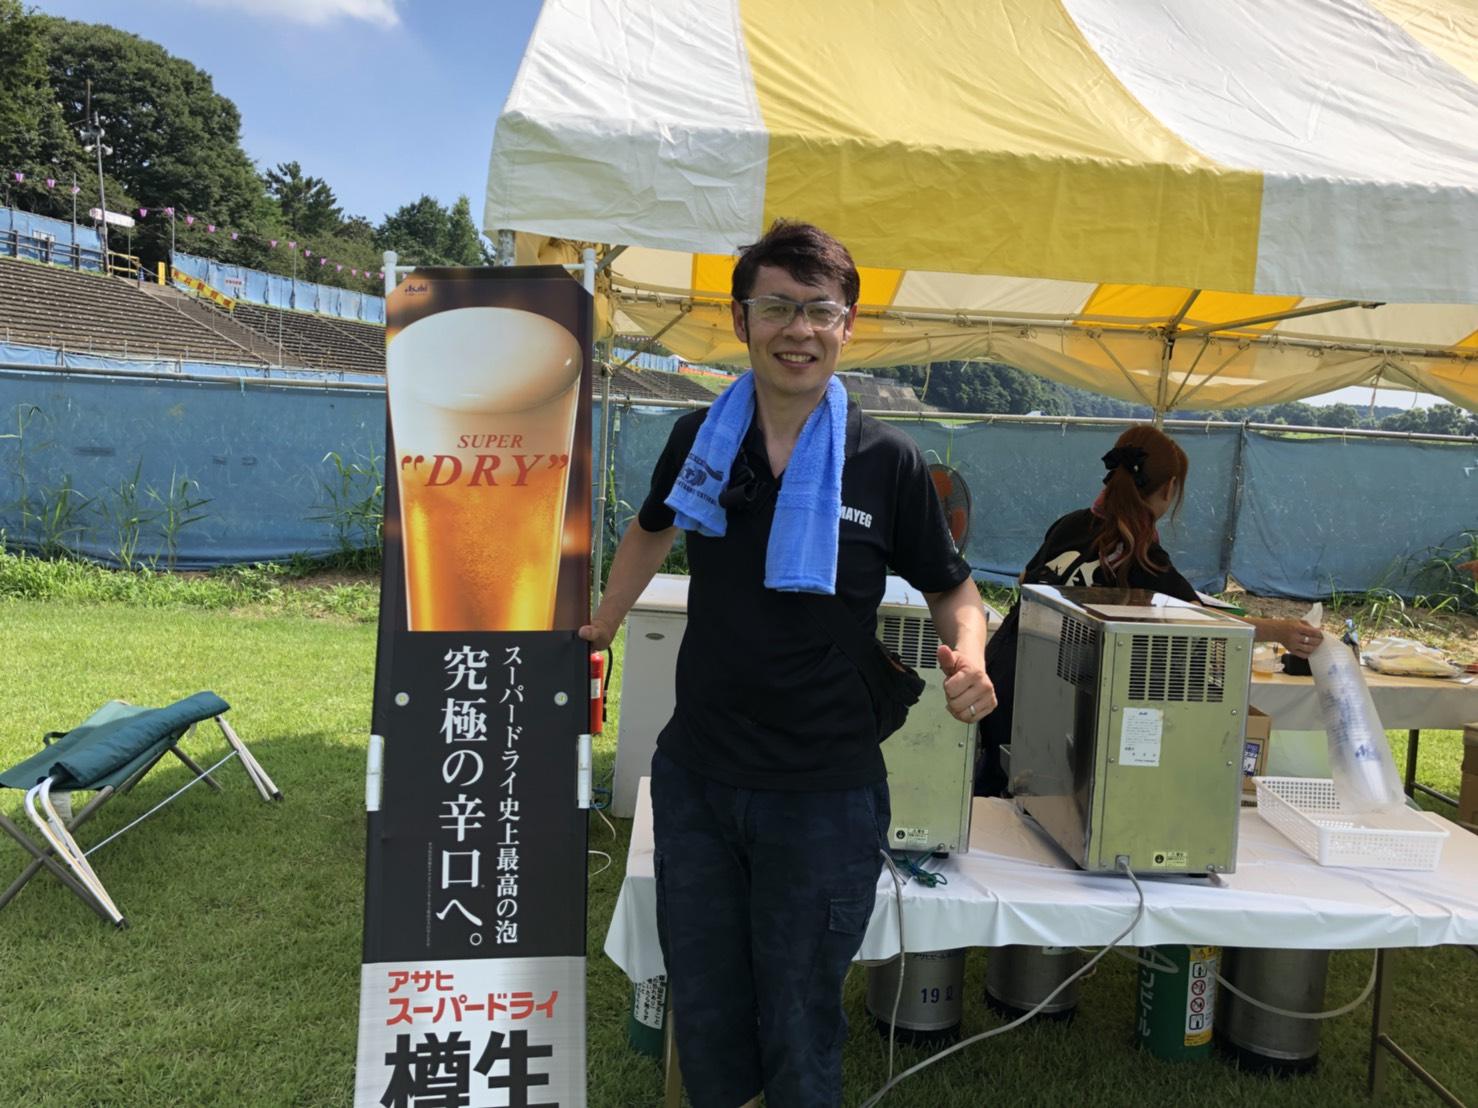 小山サマーフェスティバルに参加しました